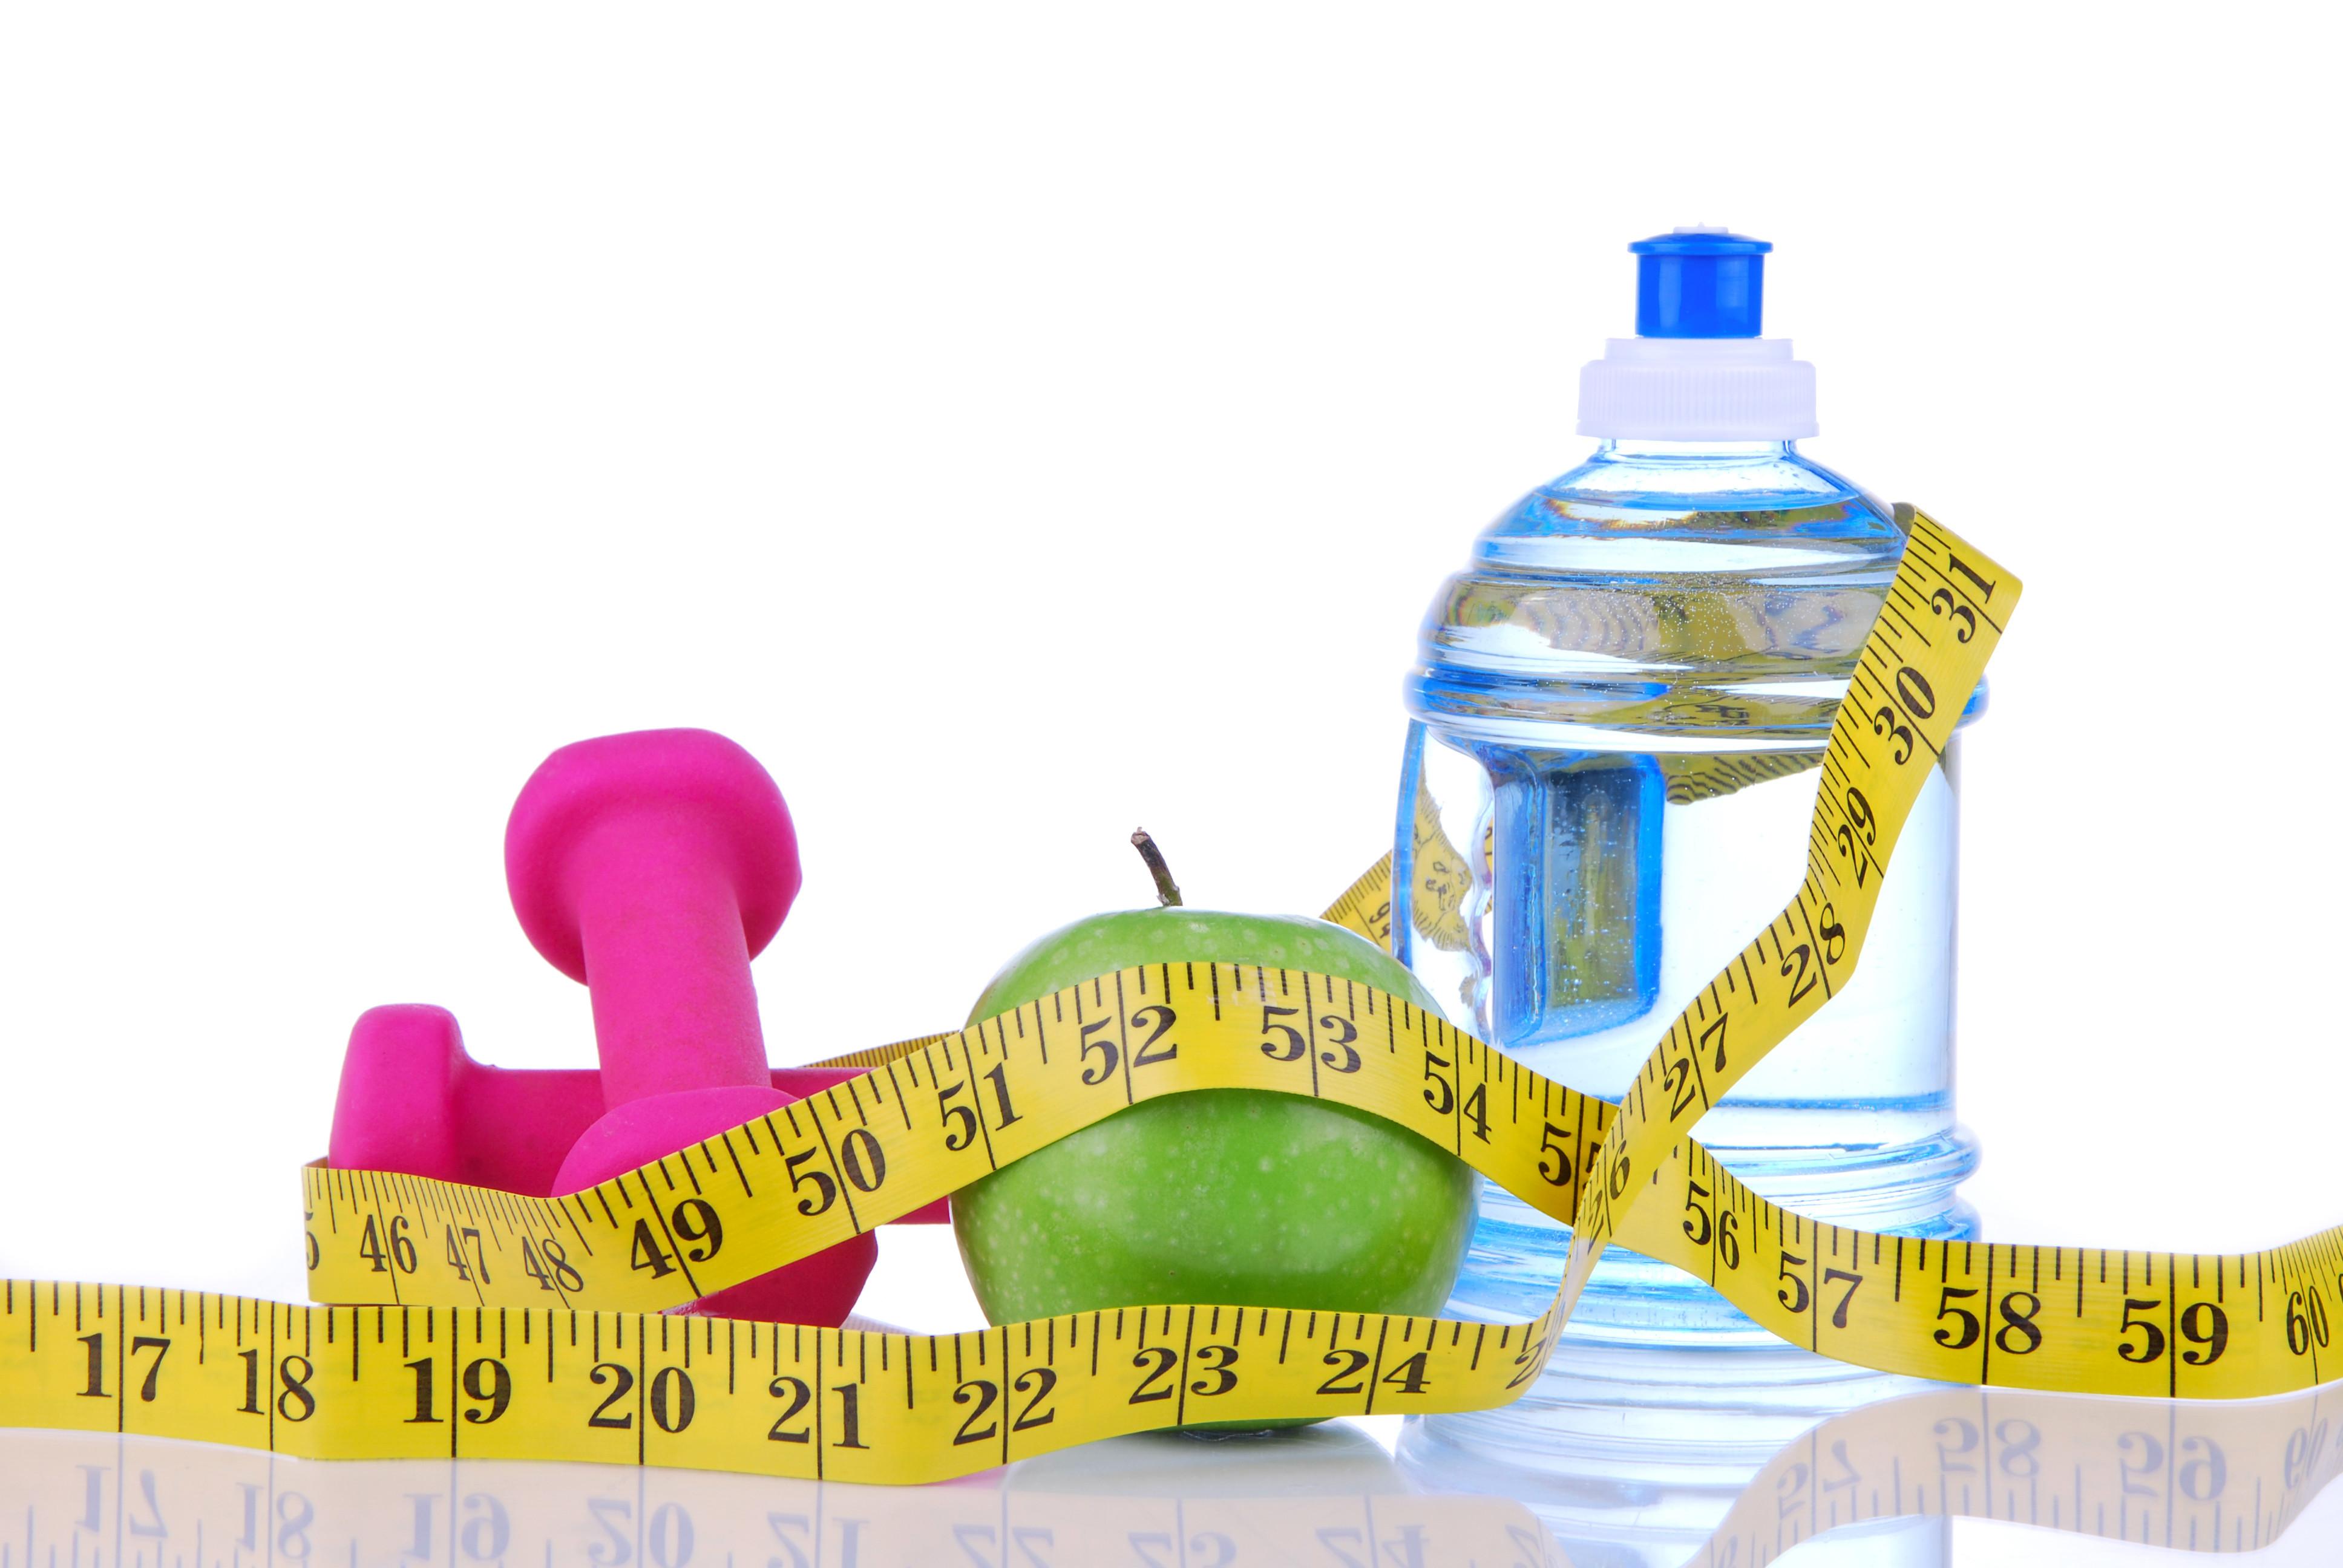 ۳ نکته در مورد کاهش وزن که هیچکس به شما نمیگوید